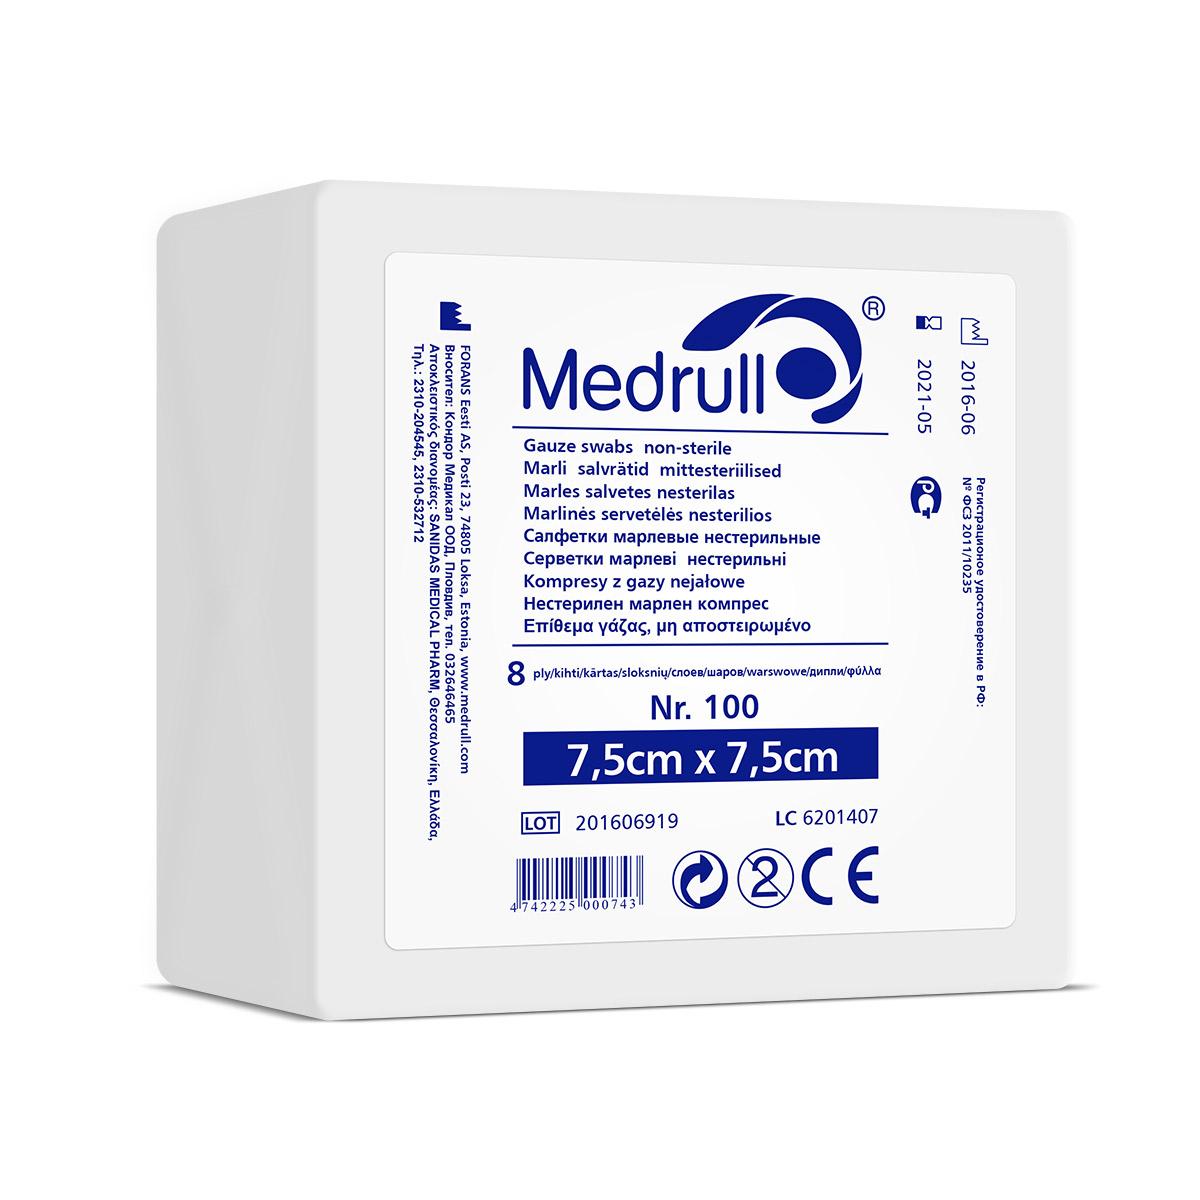 Medrull Салфетки марлевые медицинские N100, 8-слойные, нестерильные, 7,5х7,5 см4742225000743САЛФЕТКИ МАРЛЕВЫЕ НЕСТЕРИЛЬНЫЕ/8 СЛ. NR 100 Состав 100% хлопок. Структура материала 17 ниток/см2. Размер 8 сл 7,5см x 7,5см